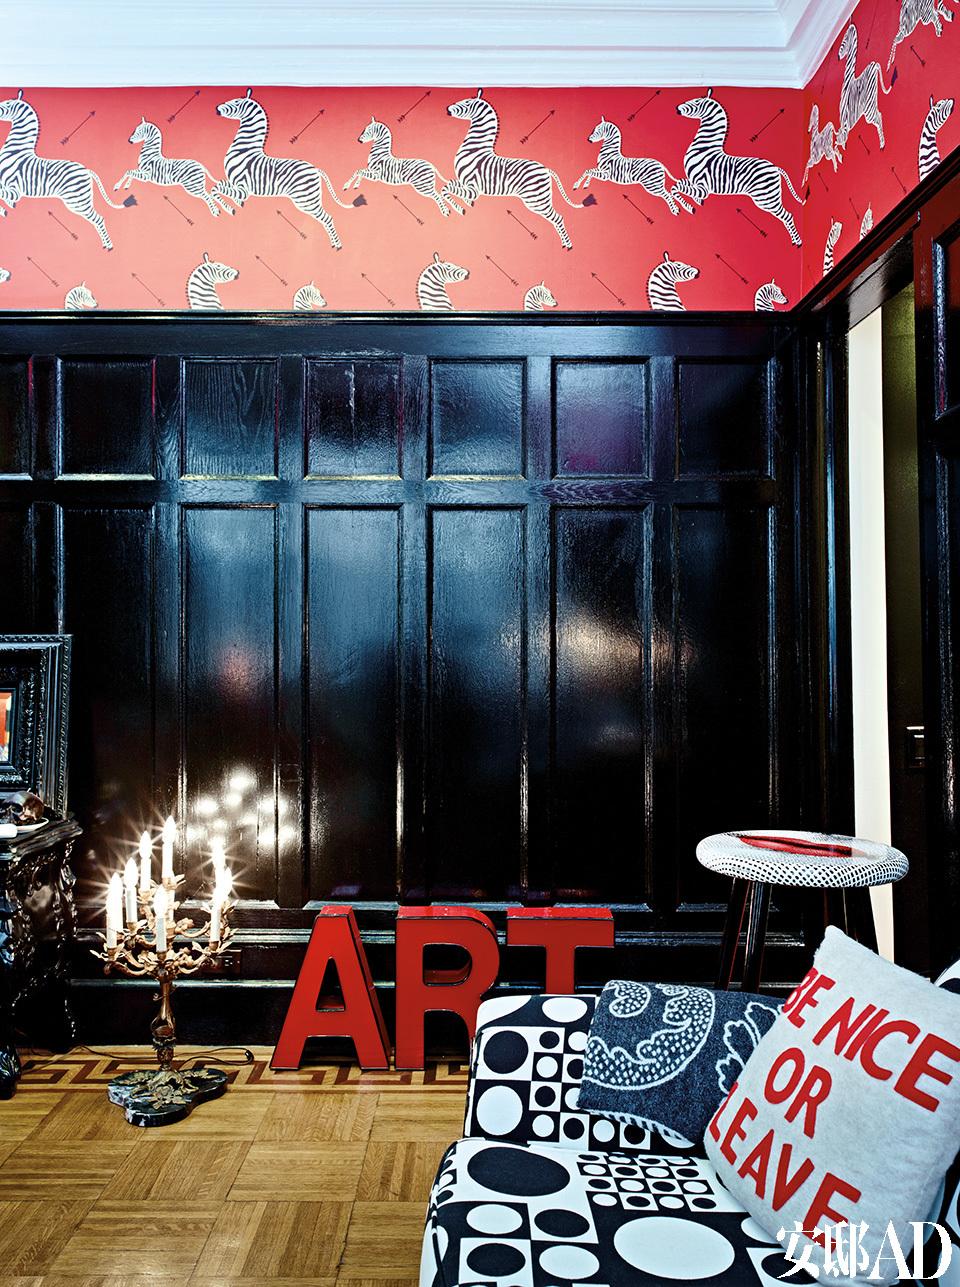 红色的ART字母组合与Piero Fornasetti的凳子都来自eBay,原来的木地板得到了保留。古典蜡烛形台灯是在路易斯安那一座伏都教建筑中发现的陈年旧物,也是从Etsy网上低价淘来的。斑马图案的红色墙纸源 自于主人最爱的电影场景,完全打破了原本黑色护墙板的沉闷。